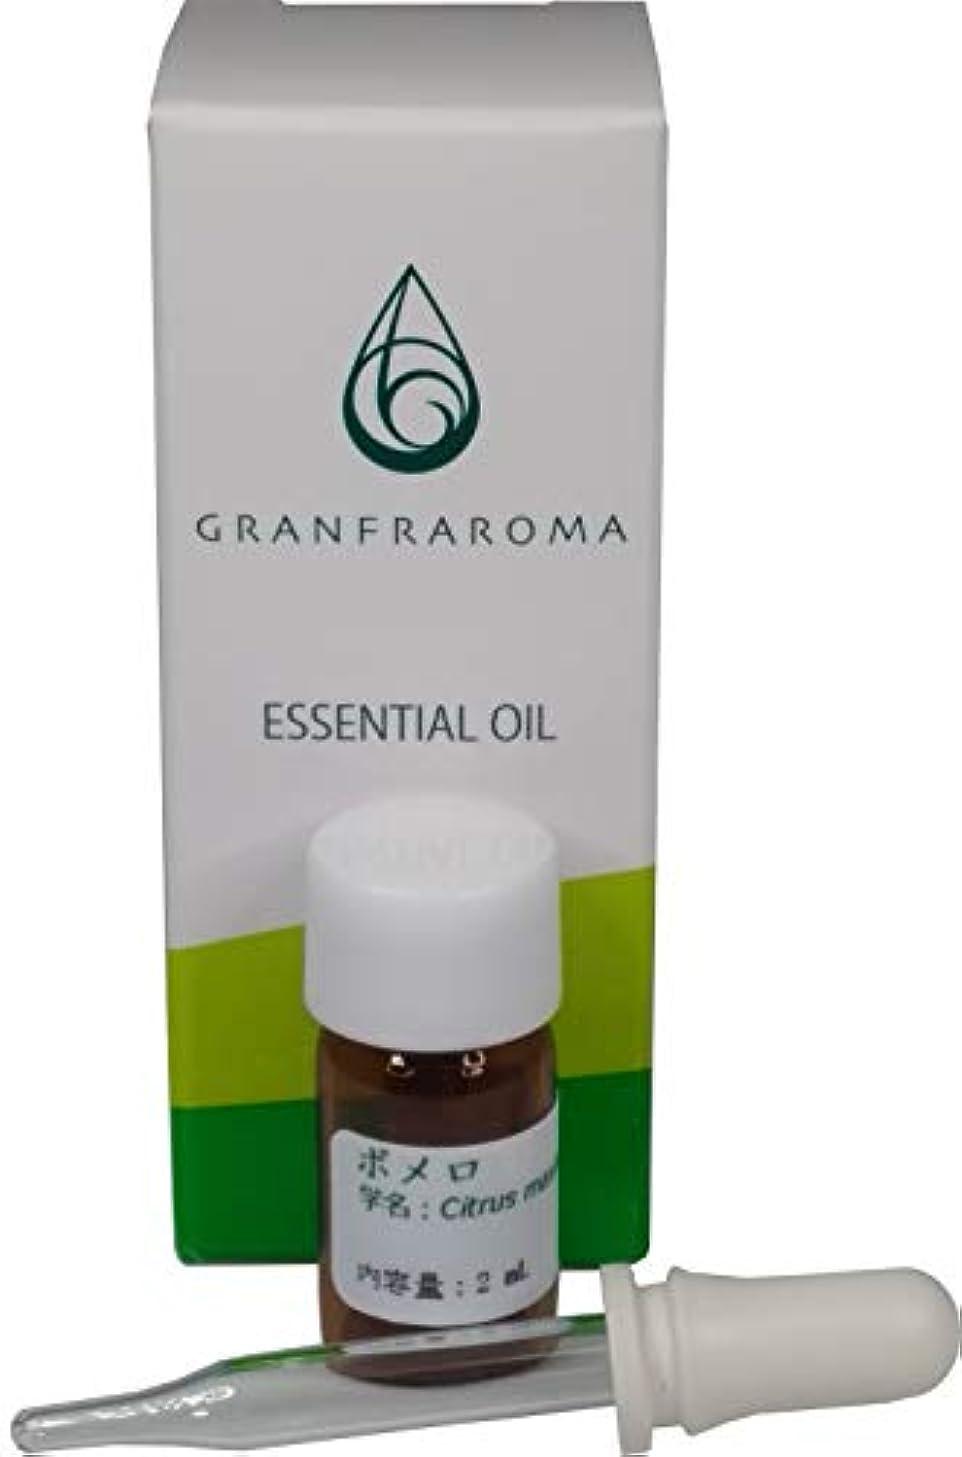 苦しめる恐ろしいですピボット(グランフラローマ)GRANFRAROMA 精油 ポメロ 溶剤抽出法 エッセンシャルオイル 2ml